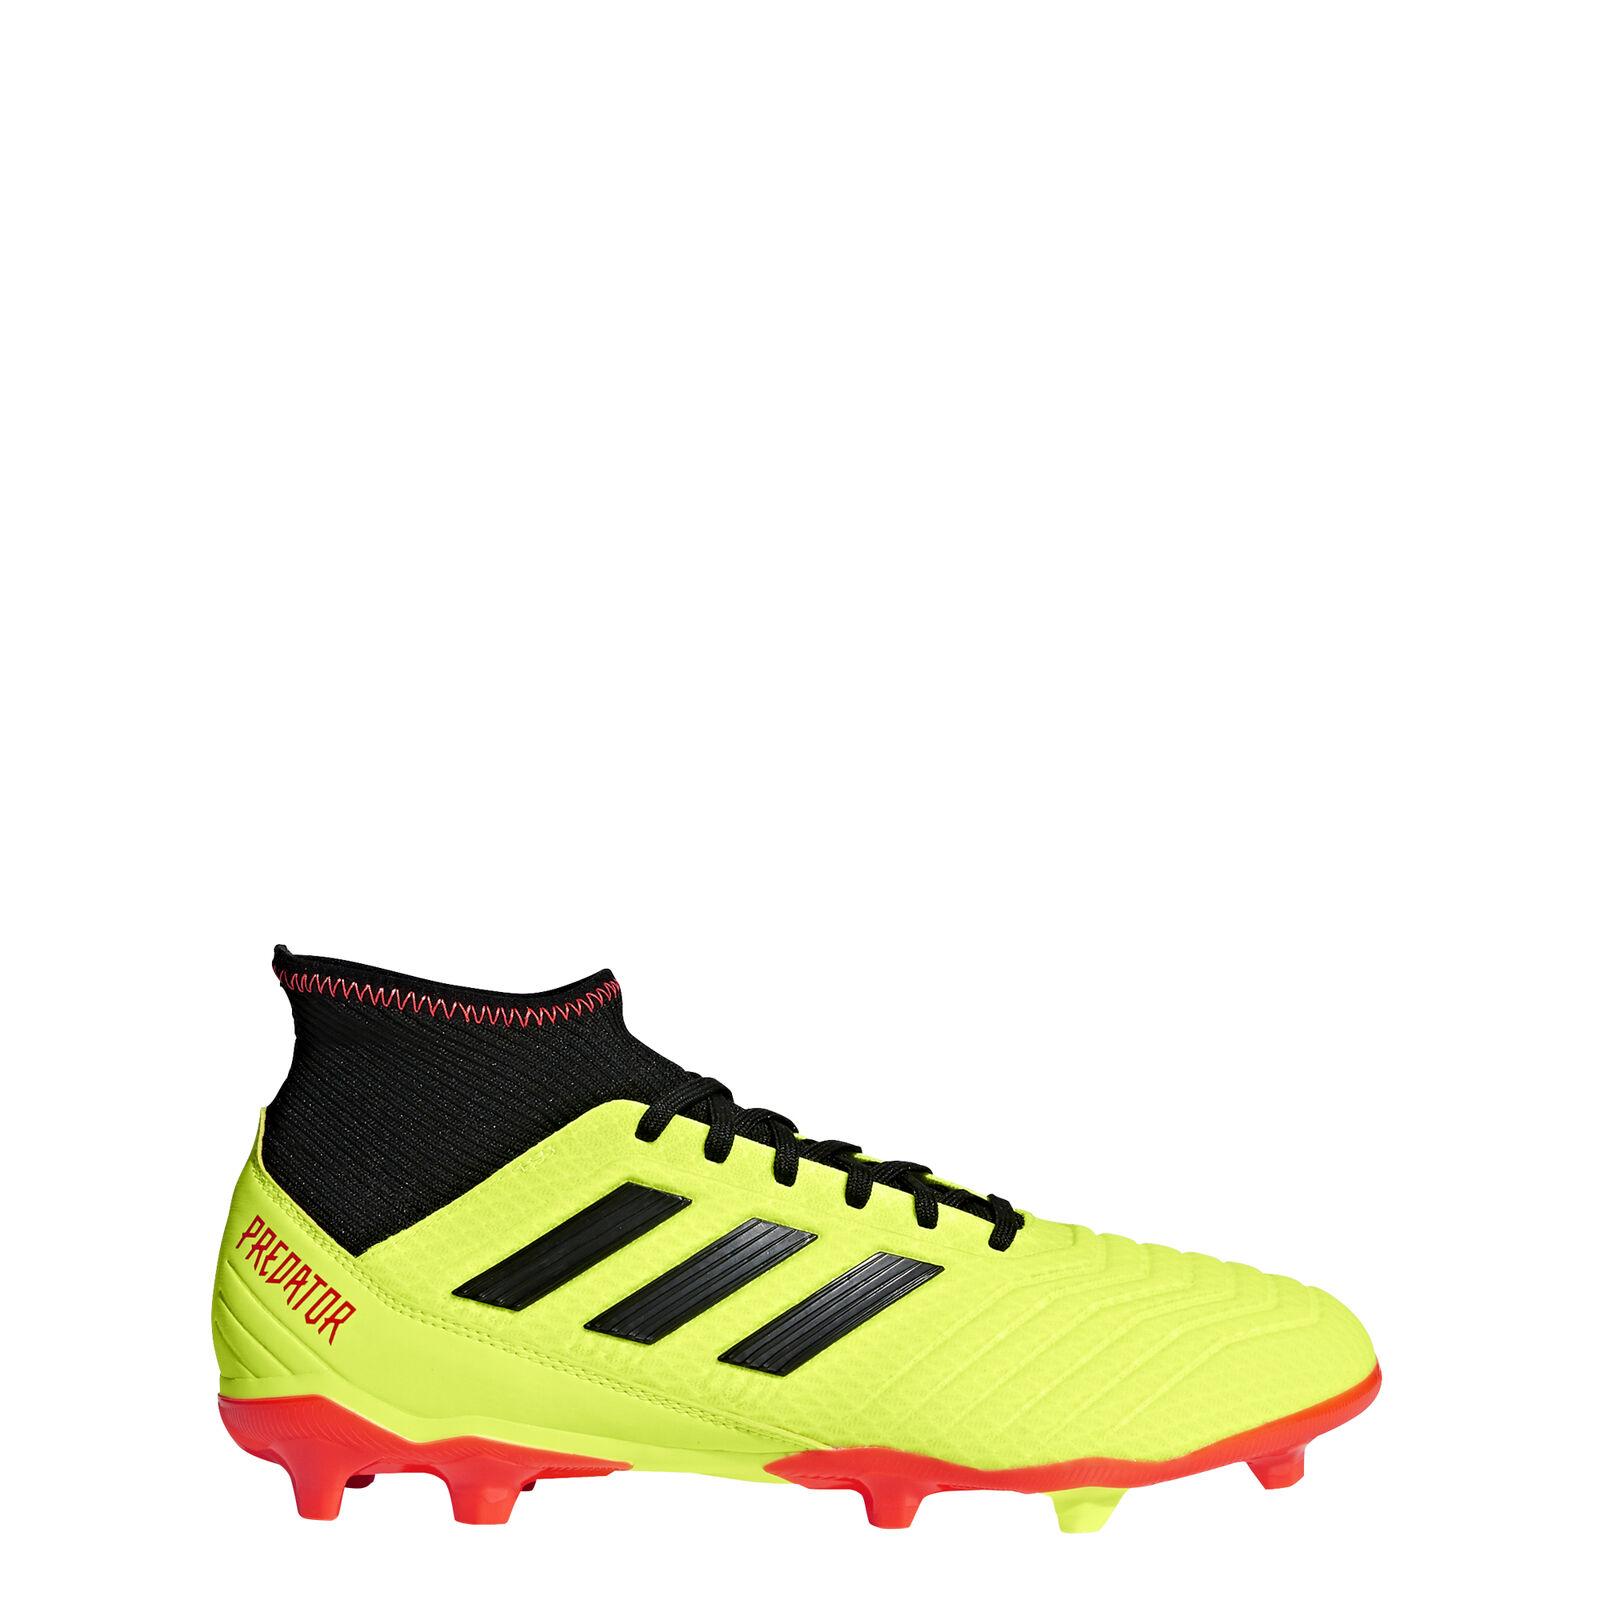 Scarpe Tacchetti Fg Adidas Calcio Predator 18 Con Da 3 Uomo nP0wOkX8